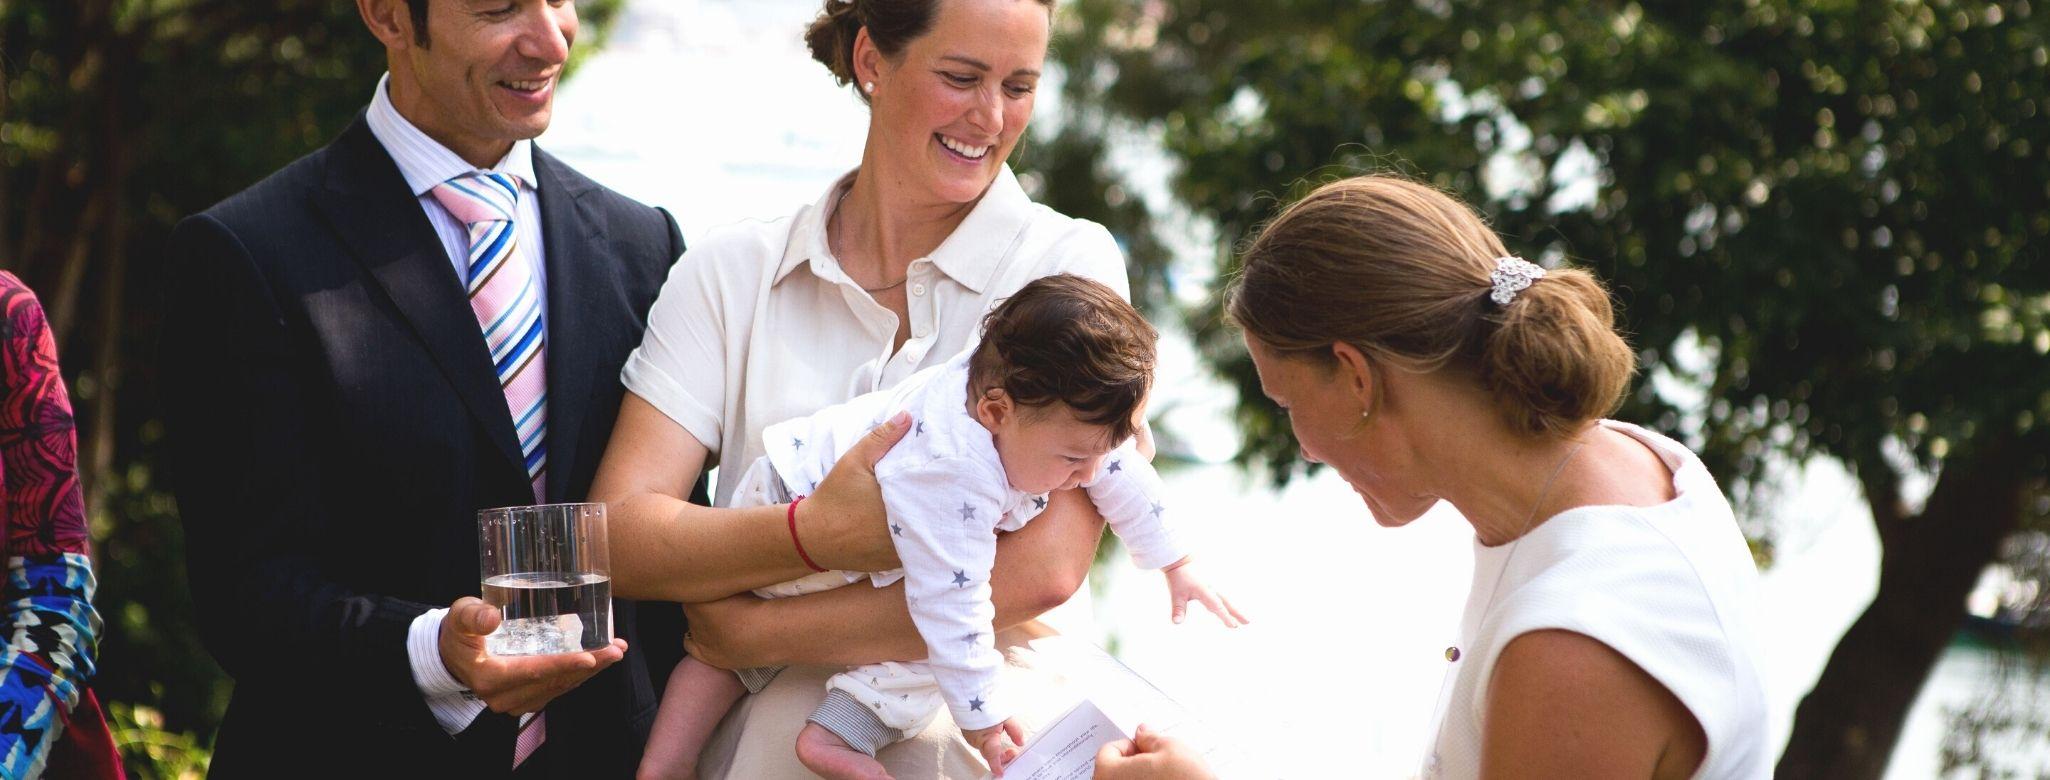 Sydney Baby-Naming Celebrant